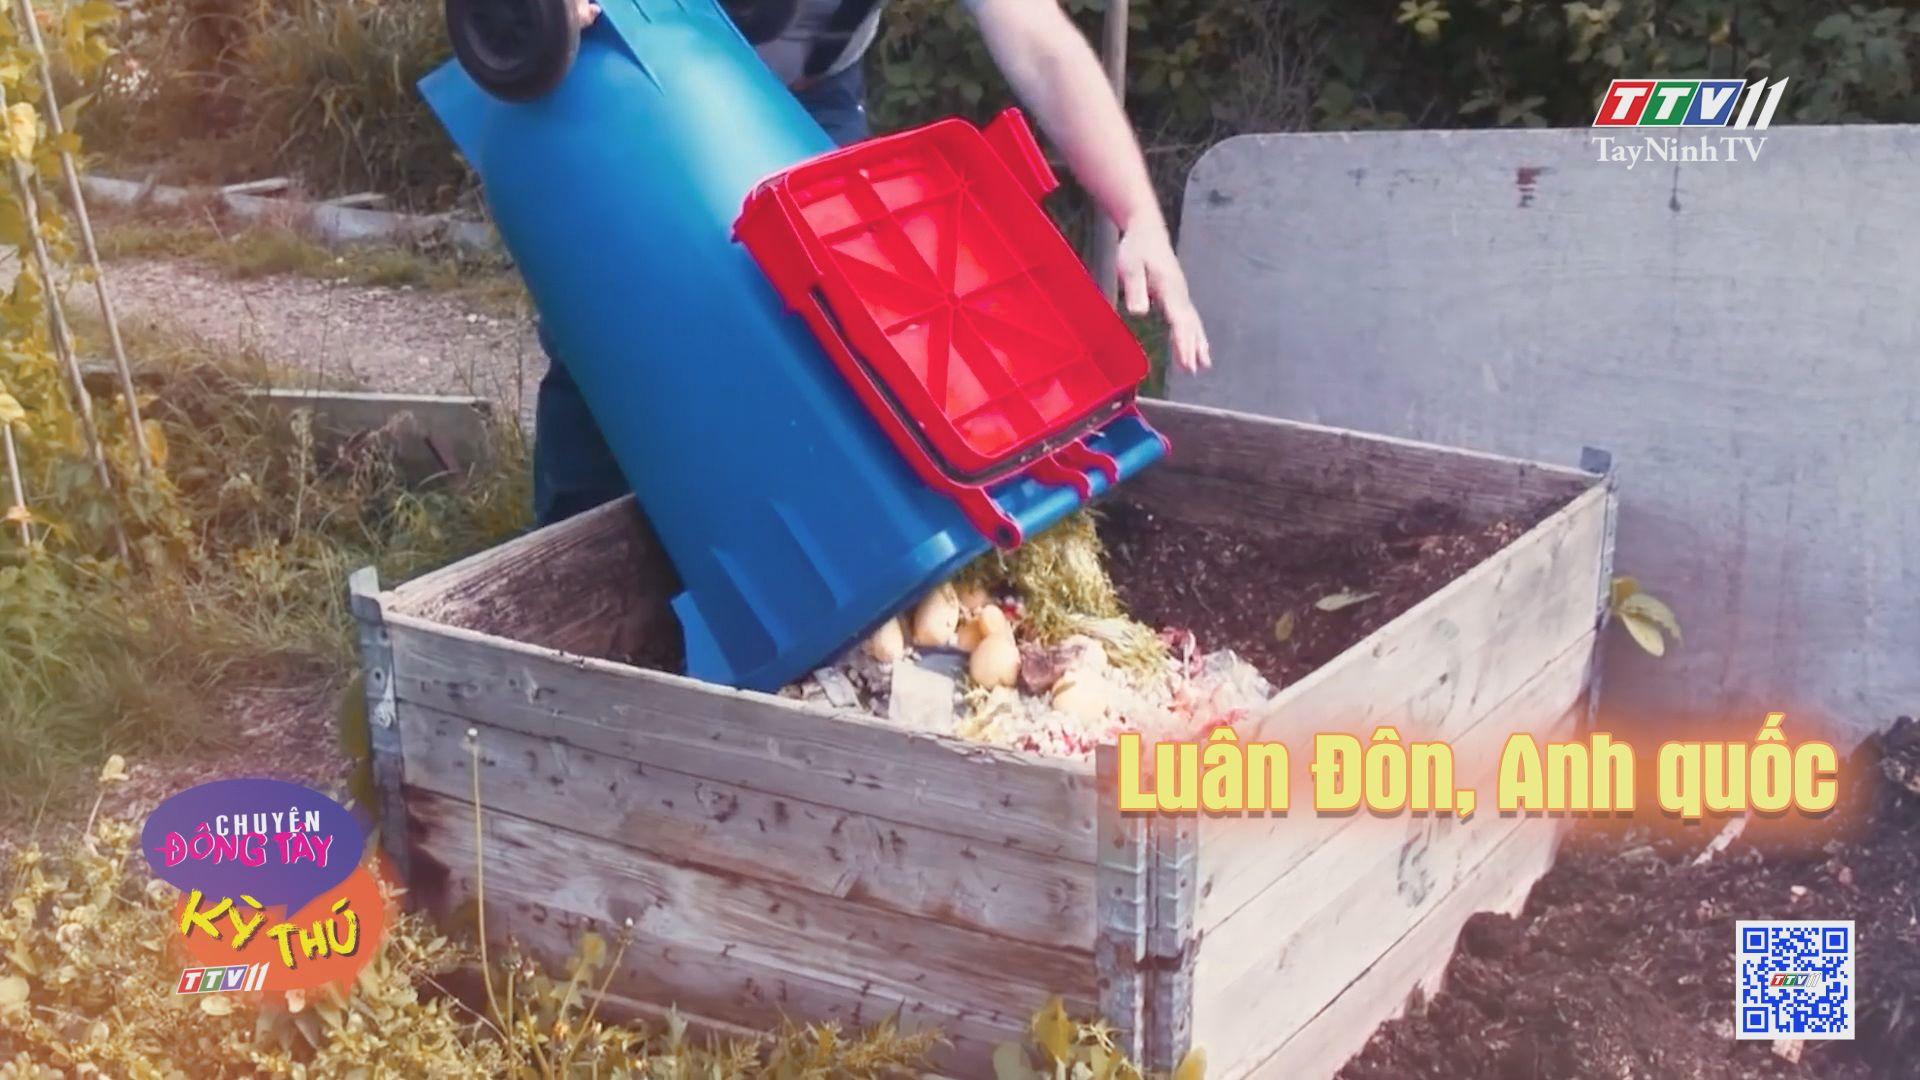 Nhà hàng tái chế toàn bộ thức ăn thừa | CHUYỆN ĐÔNG TÂY KỲ THÚ | TayNinhTV